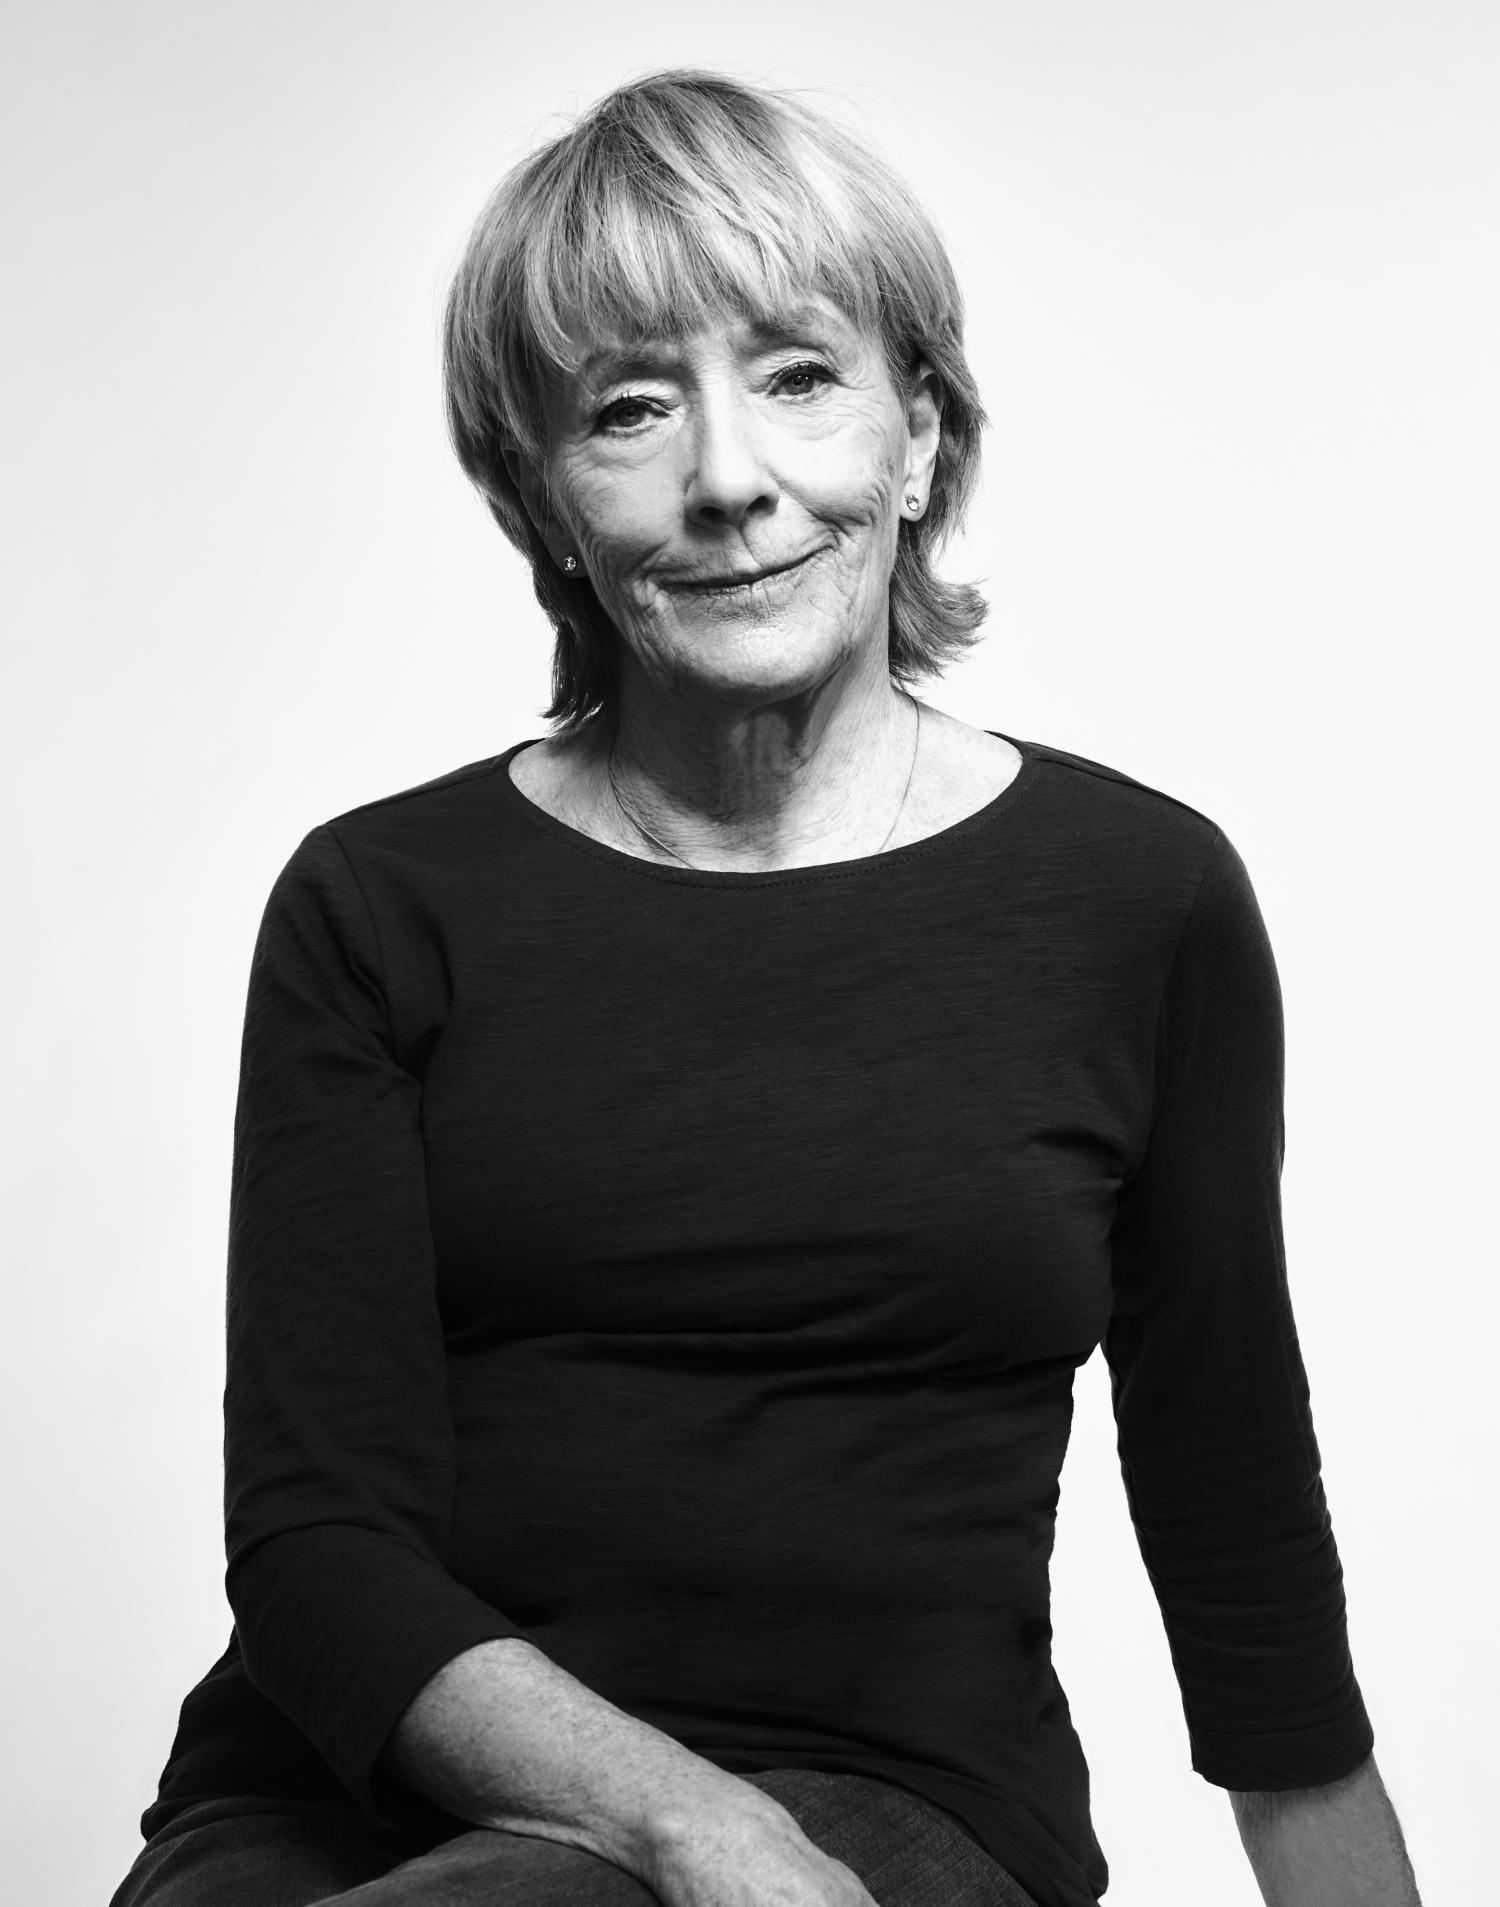 Birgitta von otter